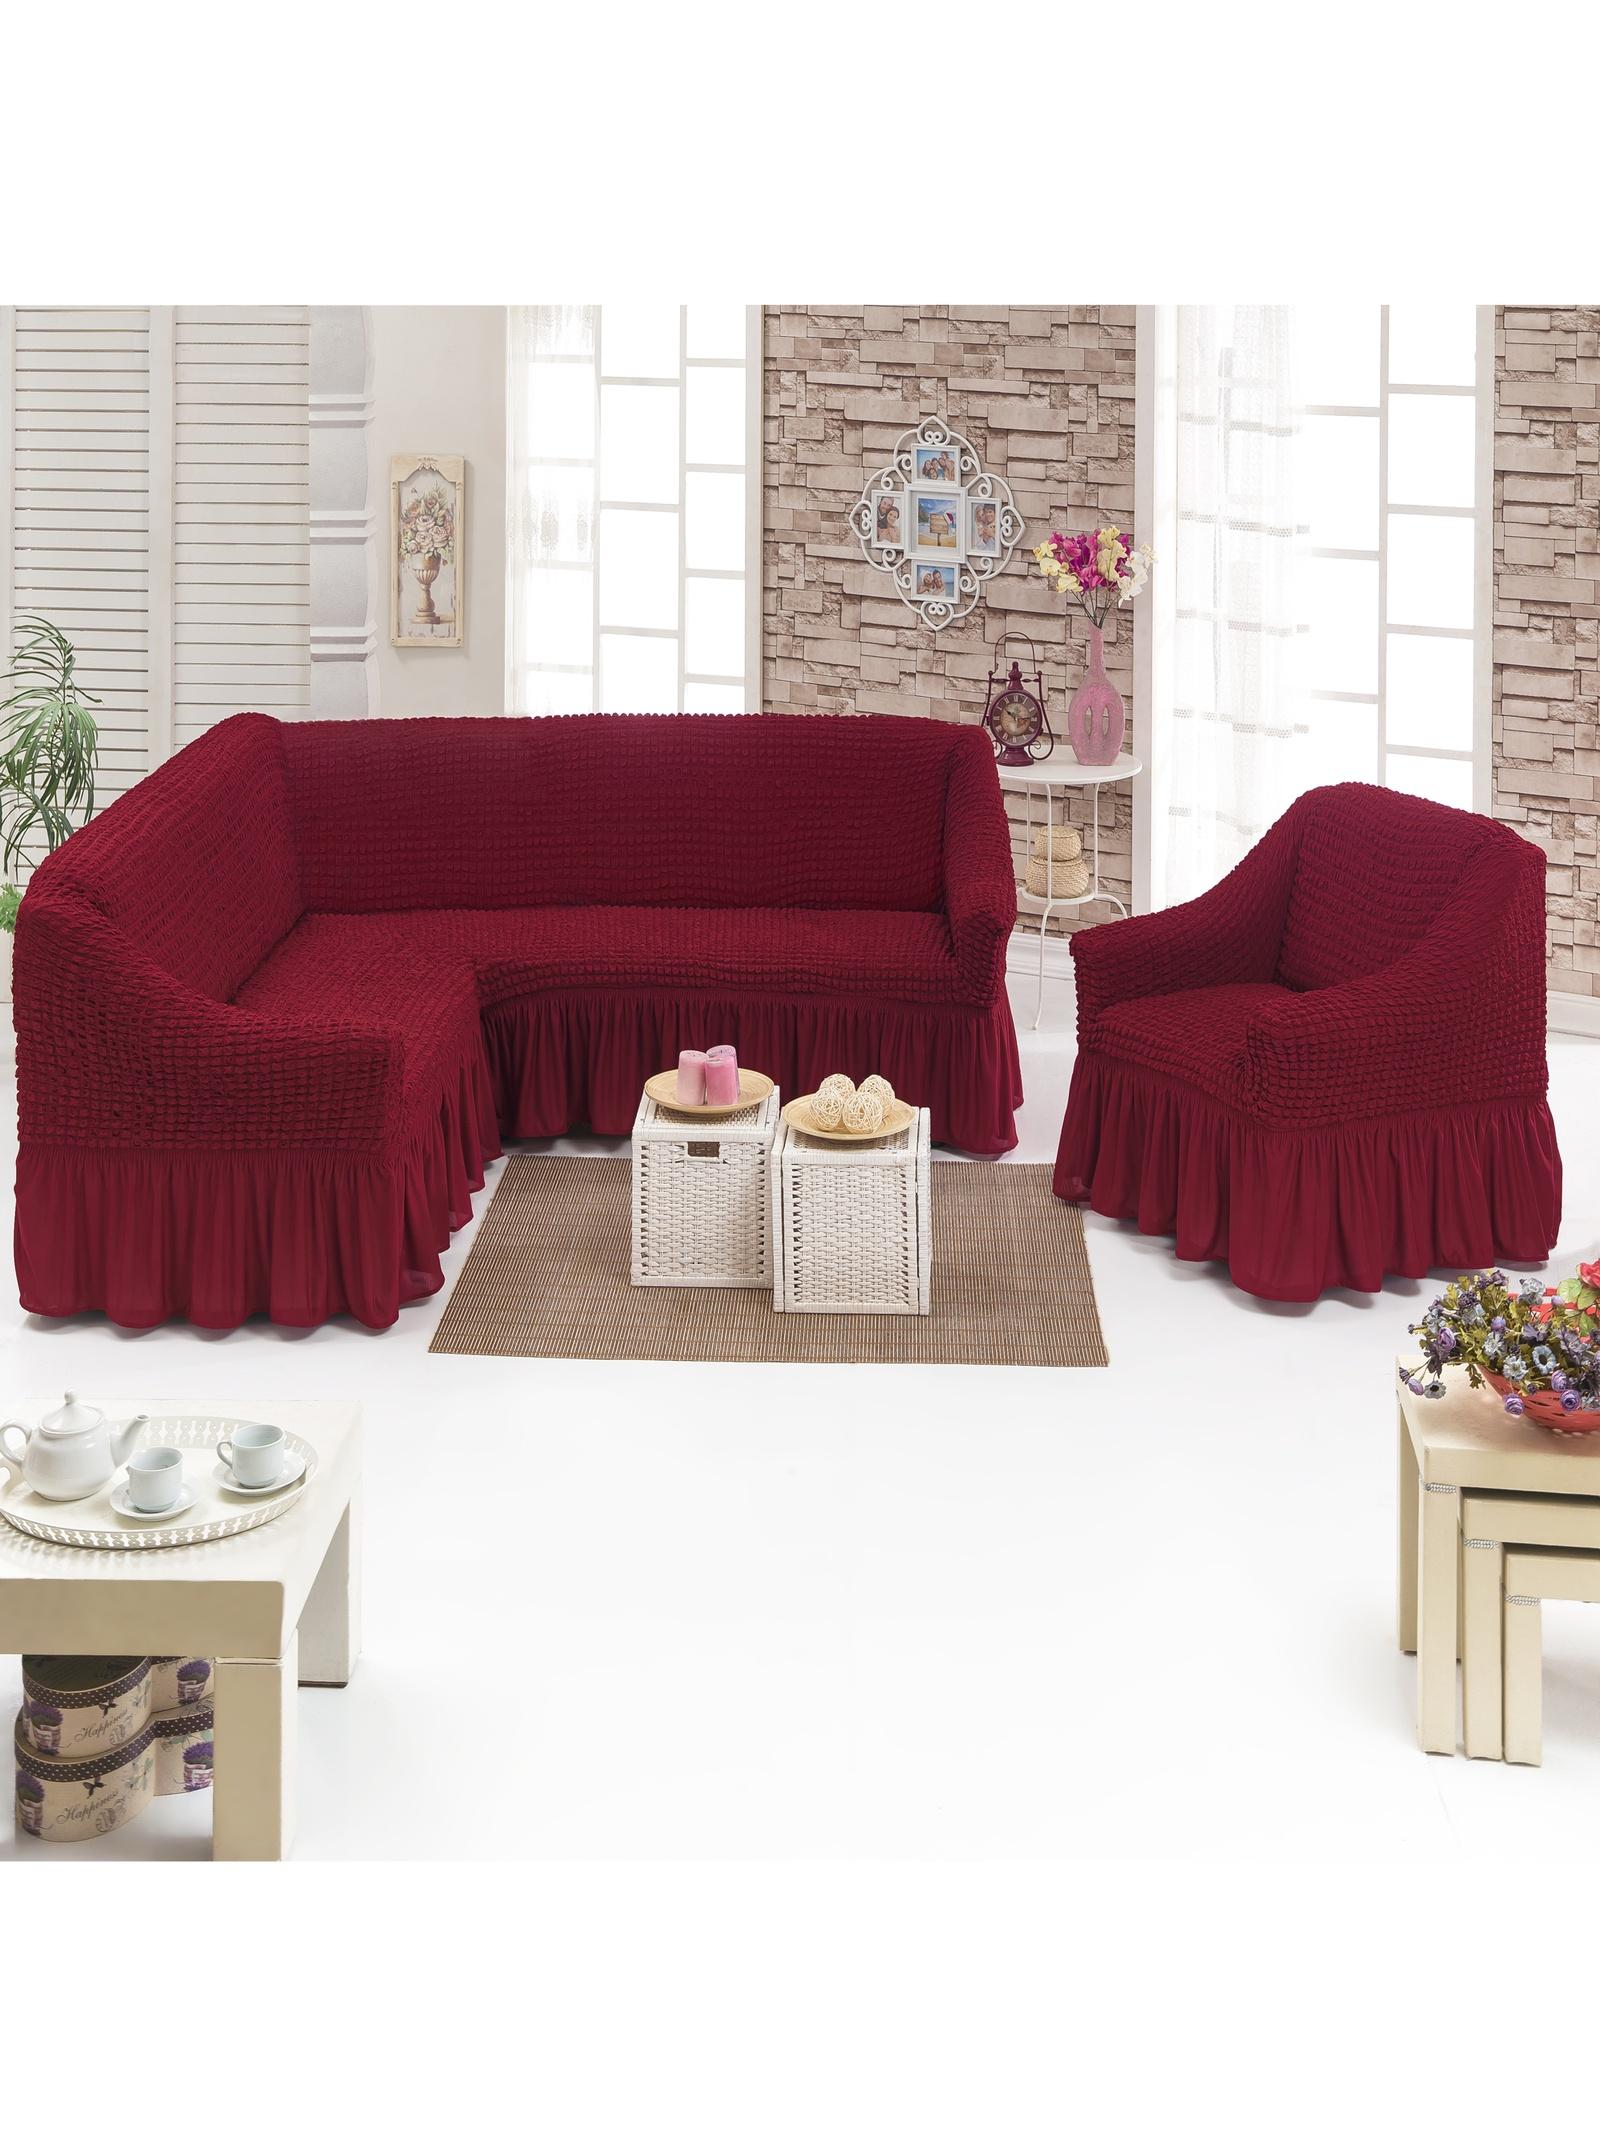 Чехол на мебель JUANNA Чехол д/мягкой мебели Угловой 2-х пр.(3+1) кресла 1шт JUANNA_бордовый, бордовый